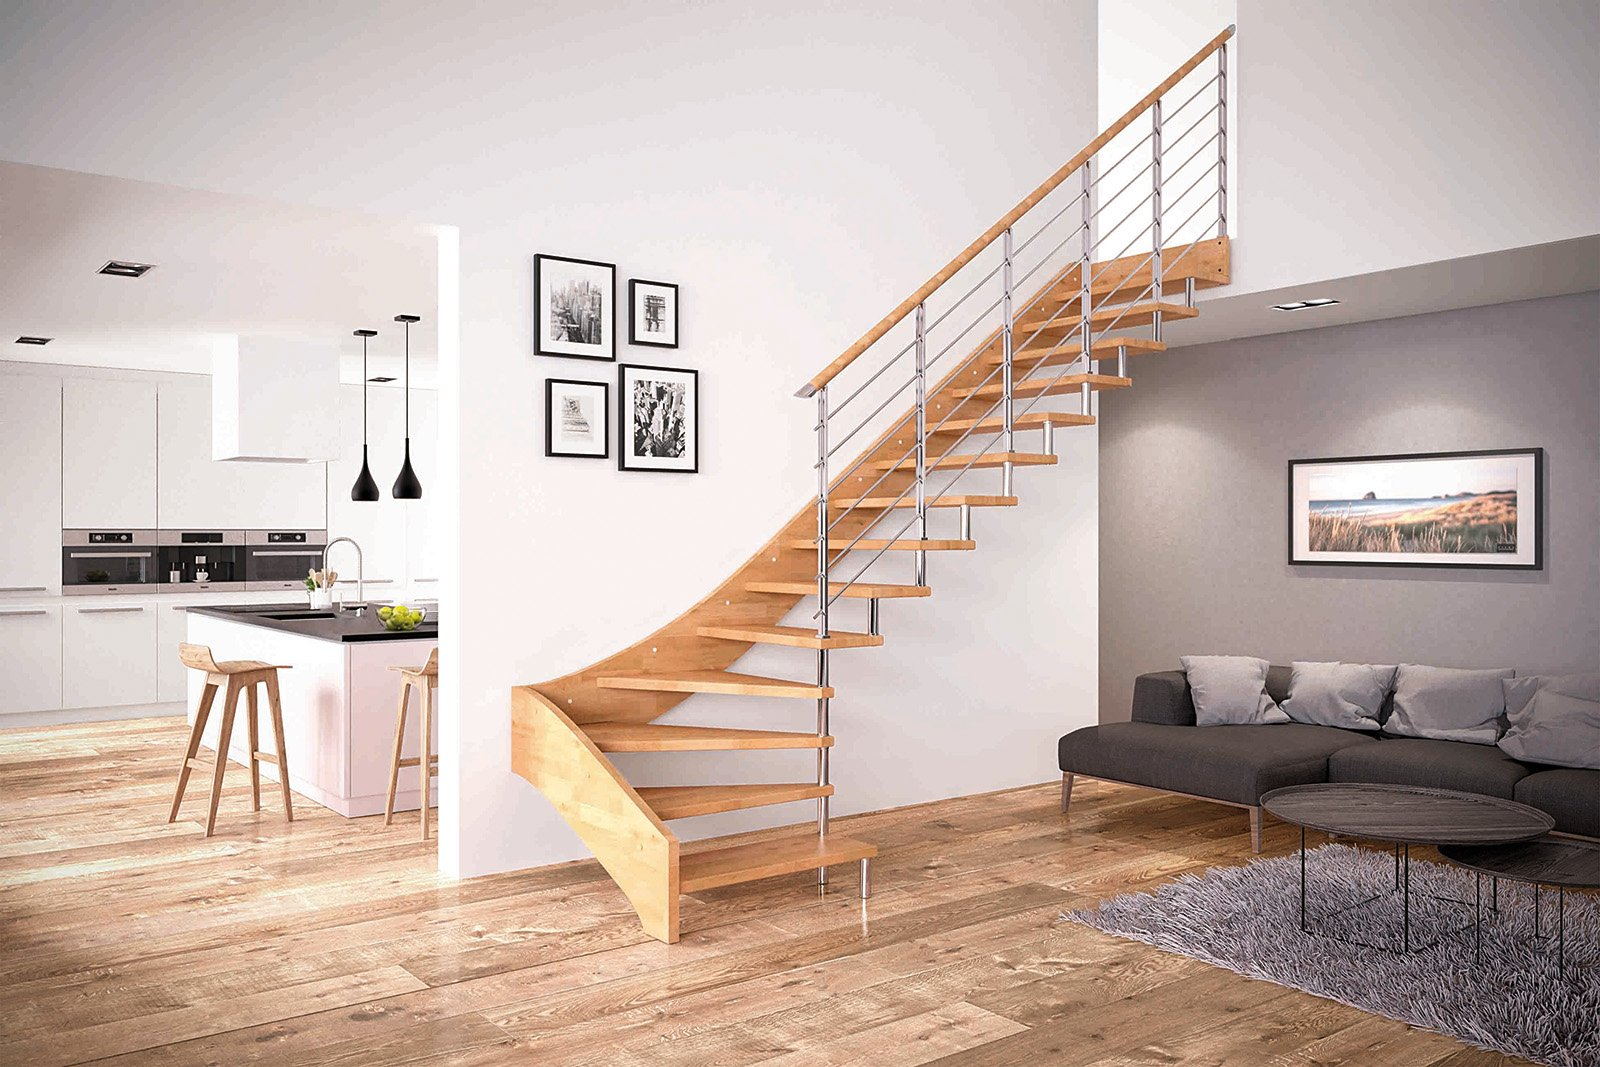 Scegliere la scala per collegare il sottotetto cose di casa - Immagini di scale interne ...